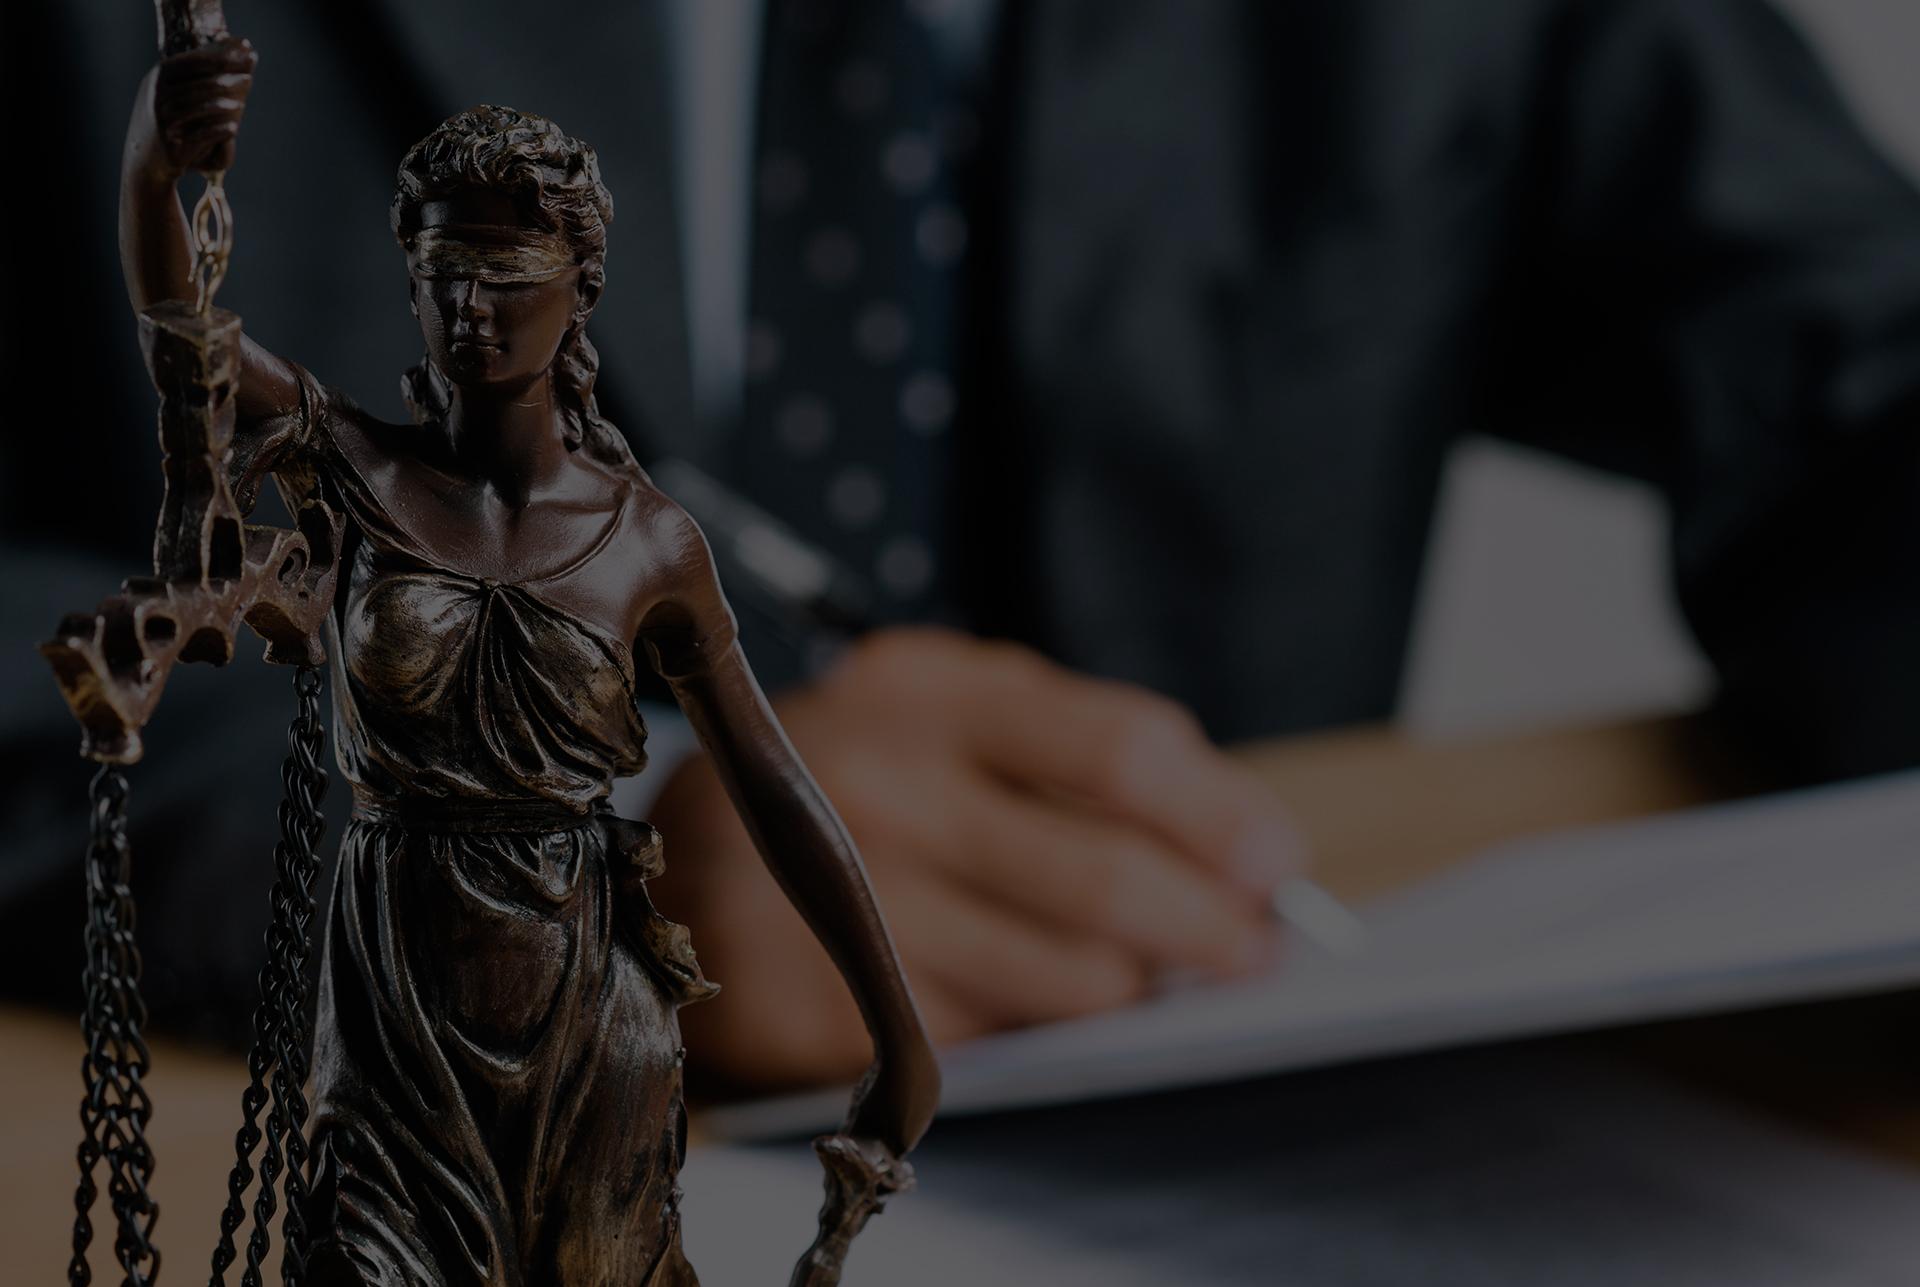 ადმინისტრაციული სამართალი